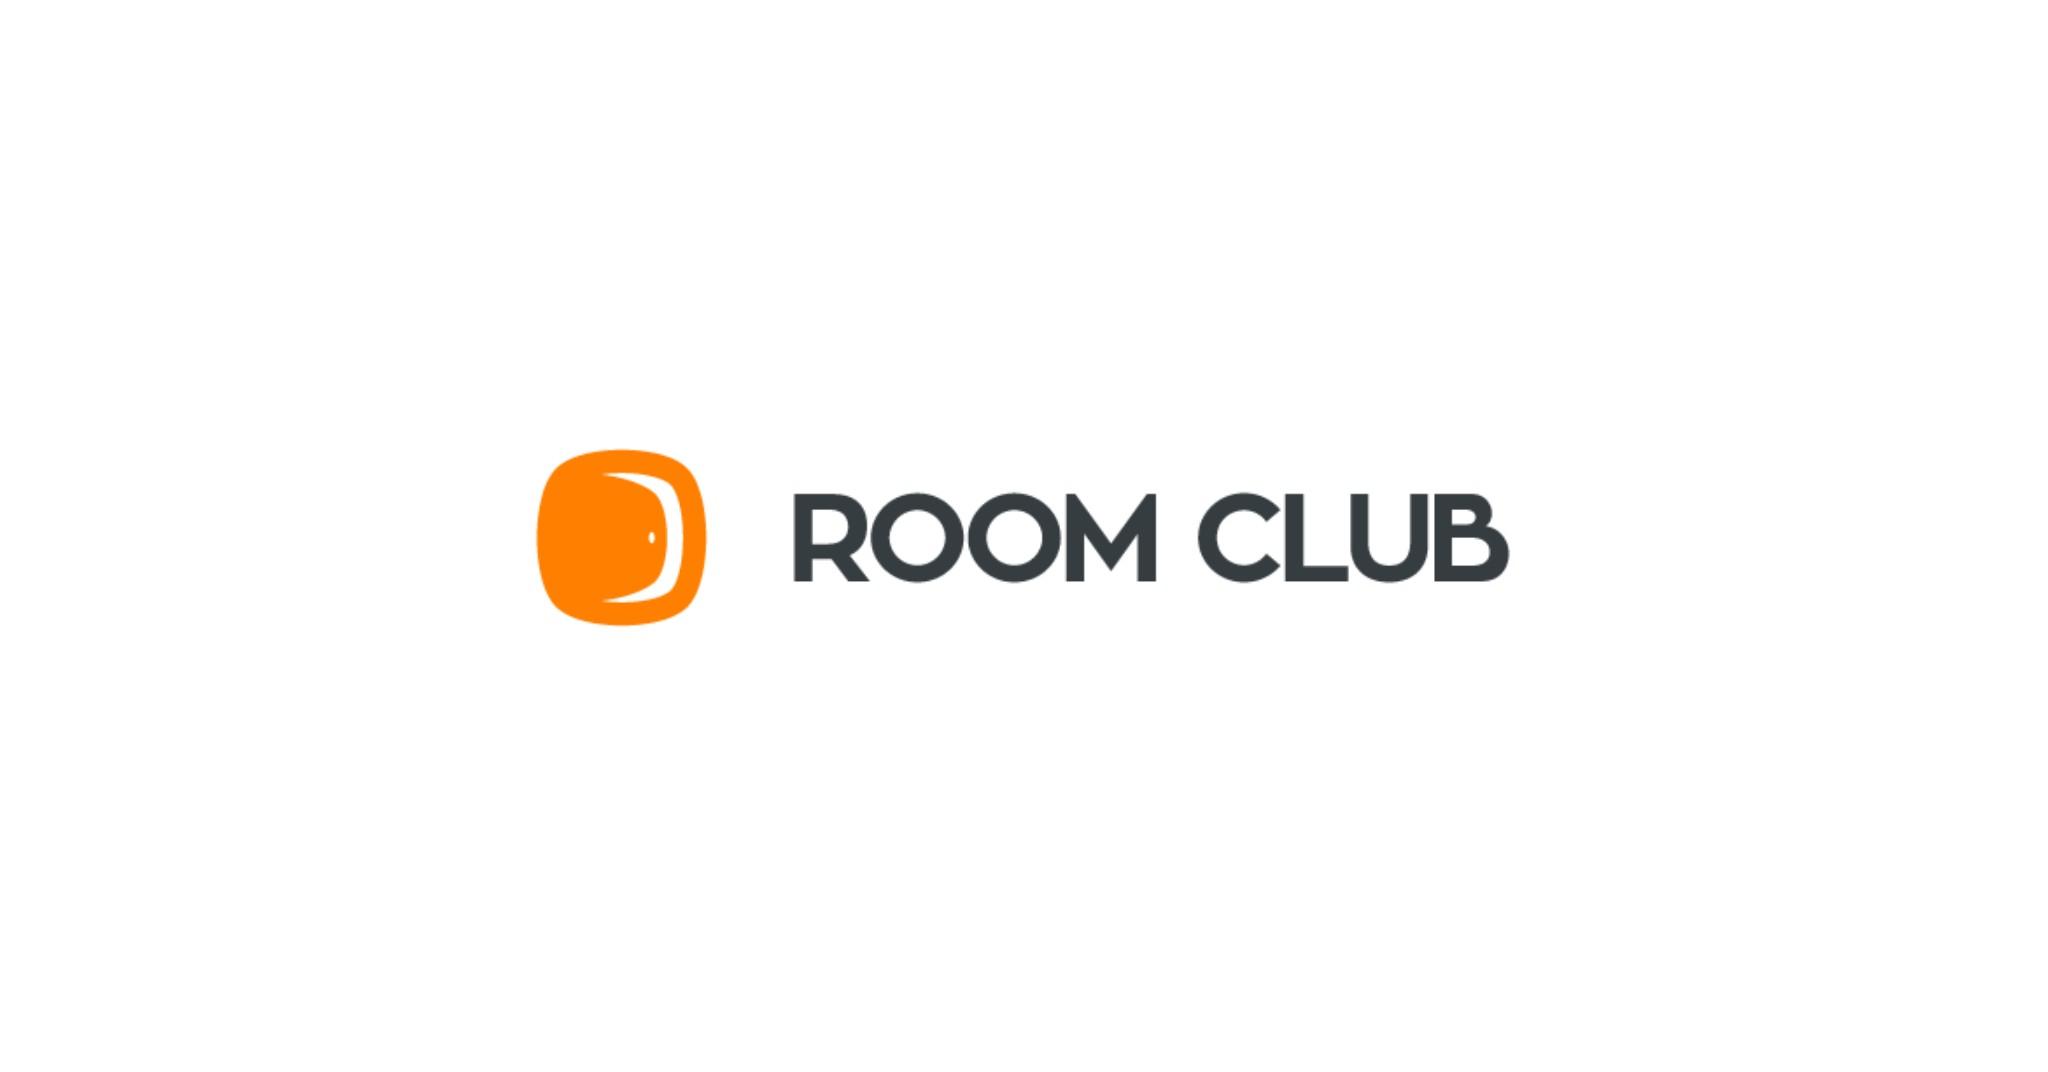 Room Club